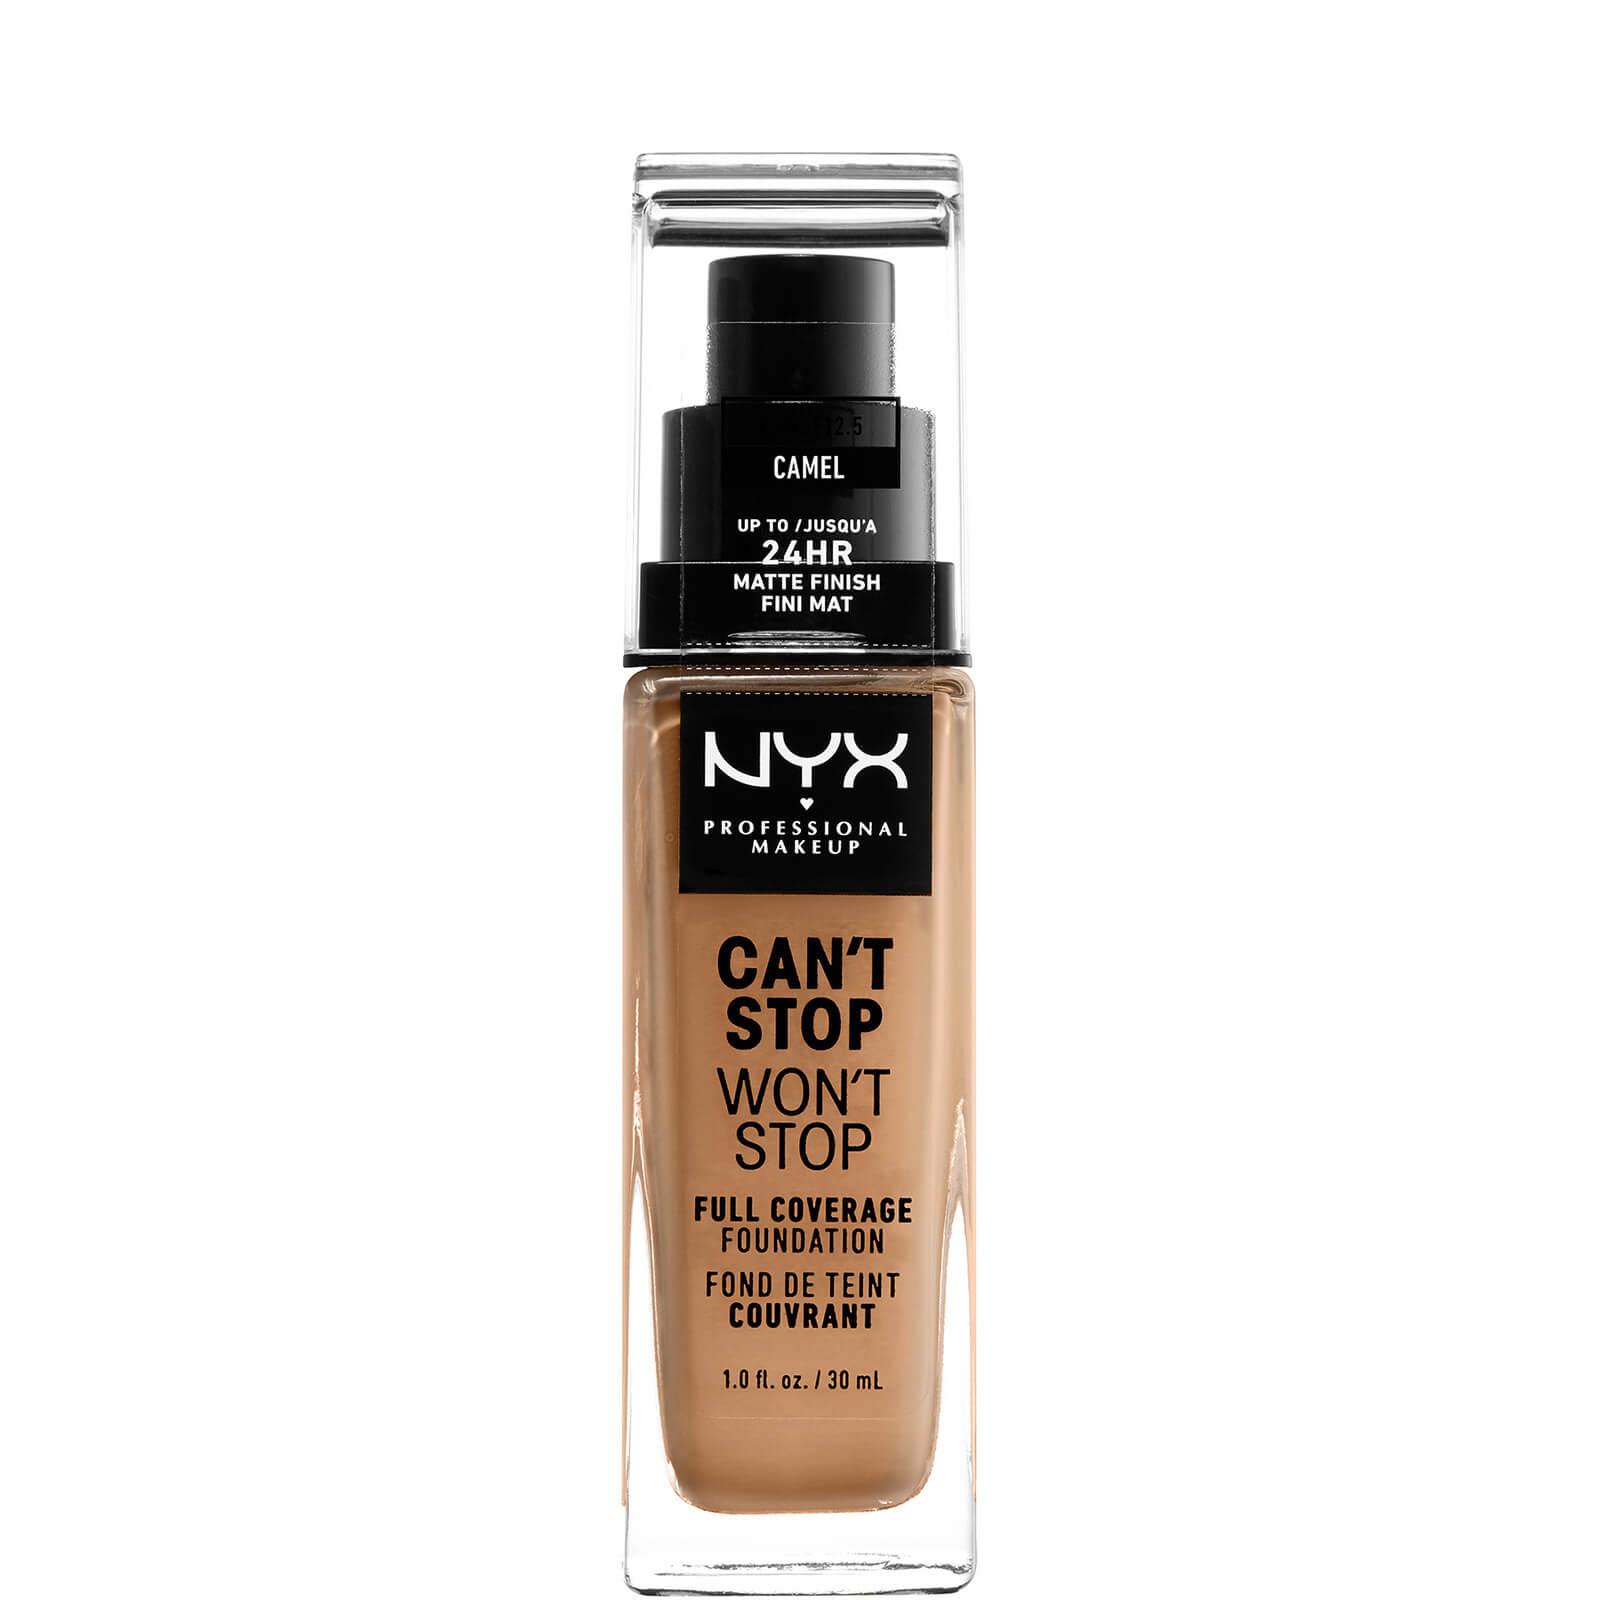 Купить Тональная основа NYX Professional Makeup Can't Stop Won't Stop 24 Hour Foundation (различные оттенки) - Camel